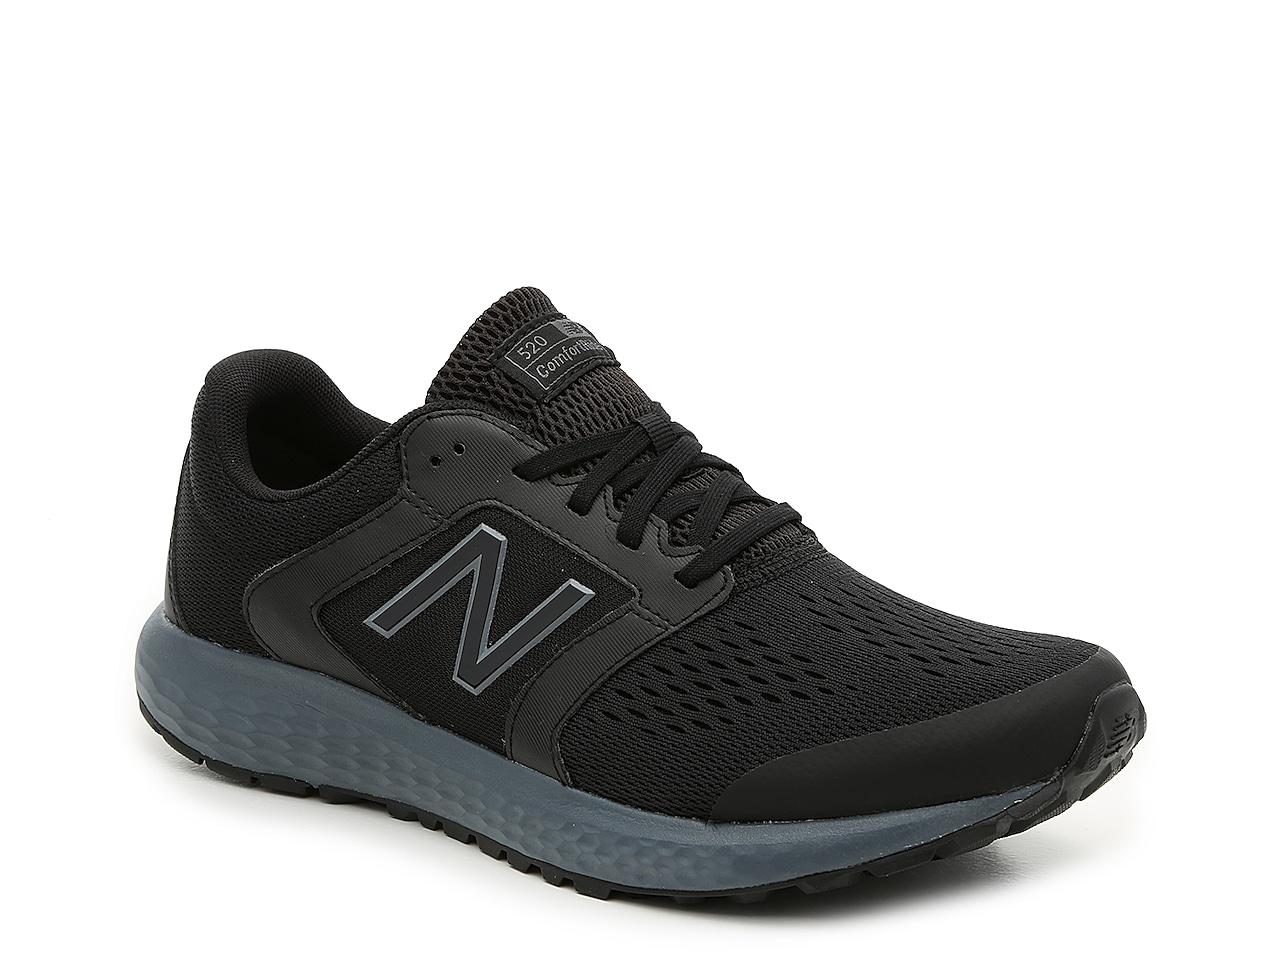 520 v5 Running Shoe - Men's